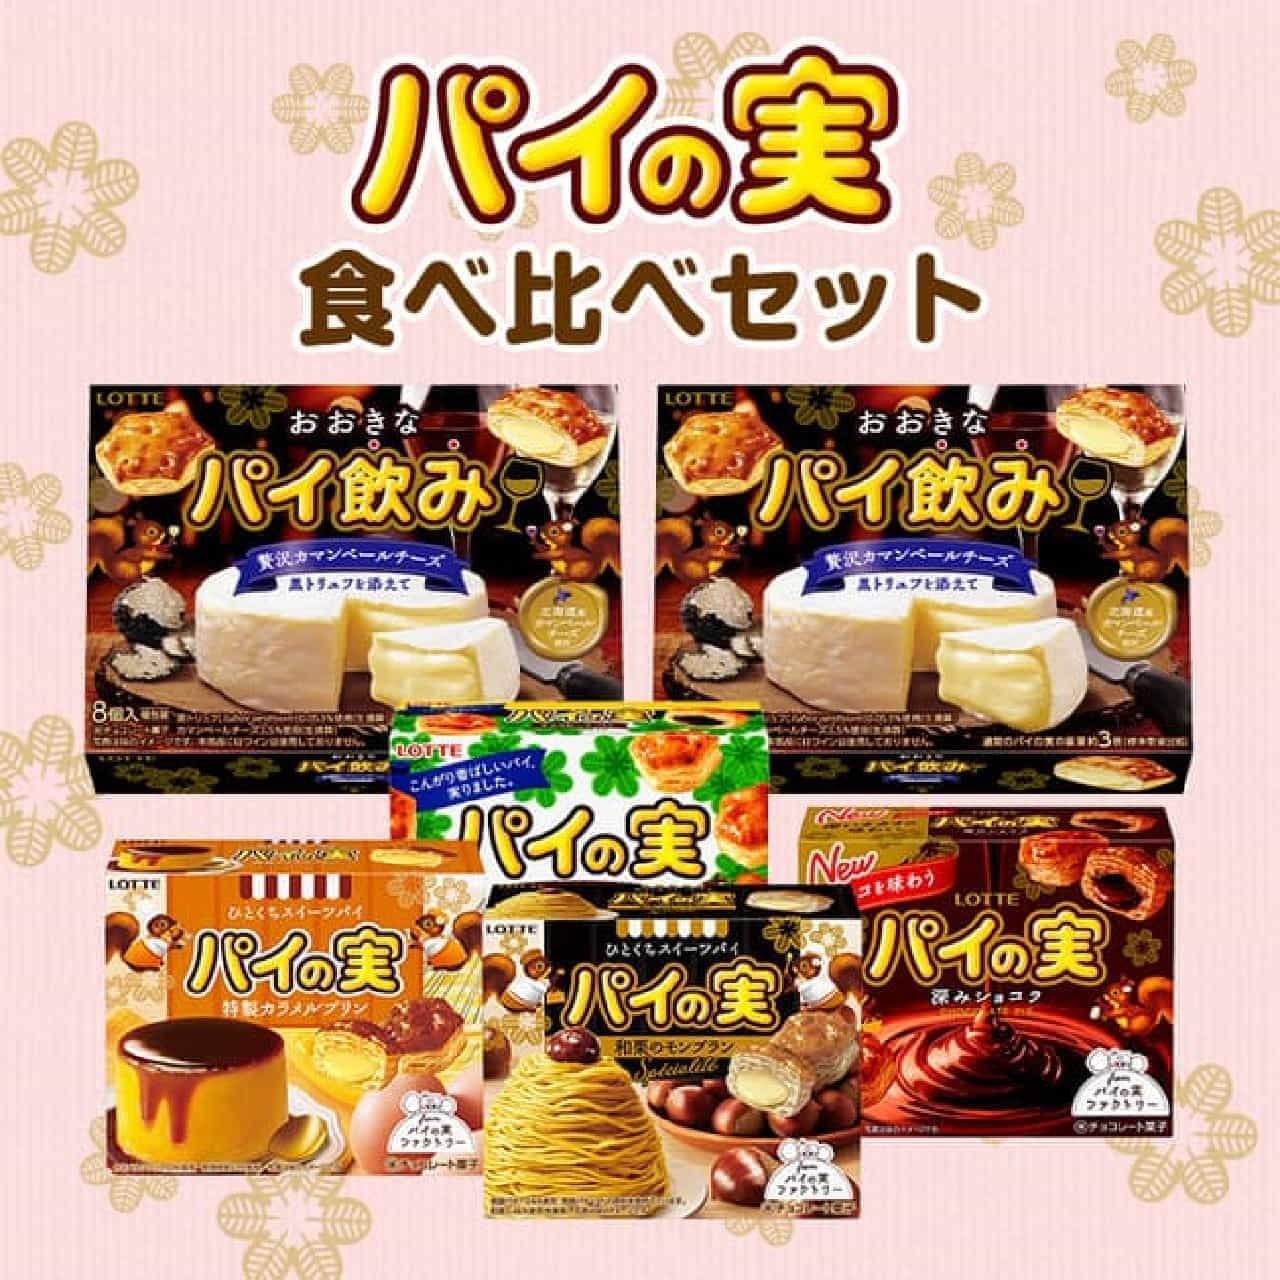 おおきなパイ飲み<贅沢カマンベールチーズ~黒トリュフを添えて~>